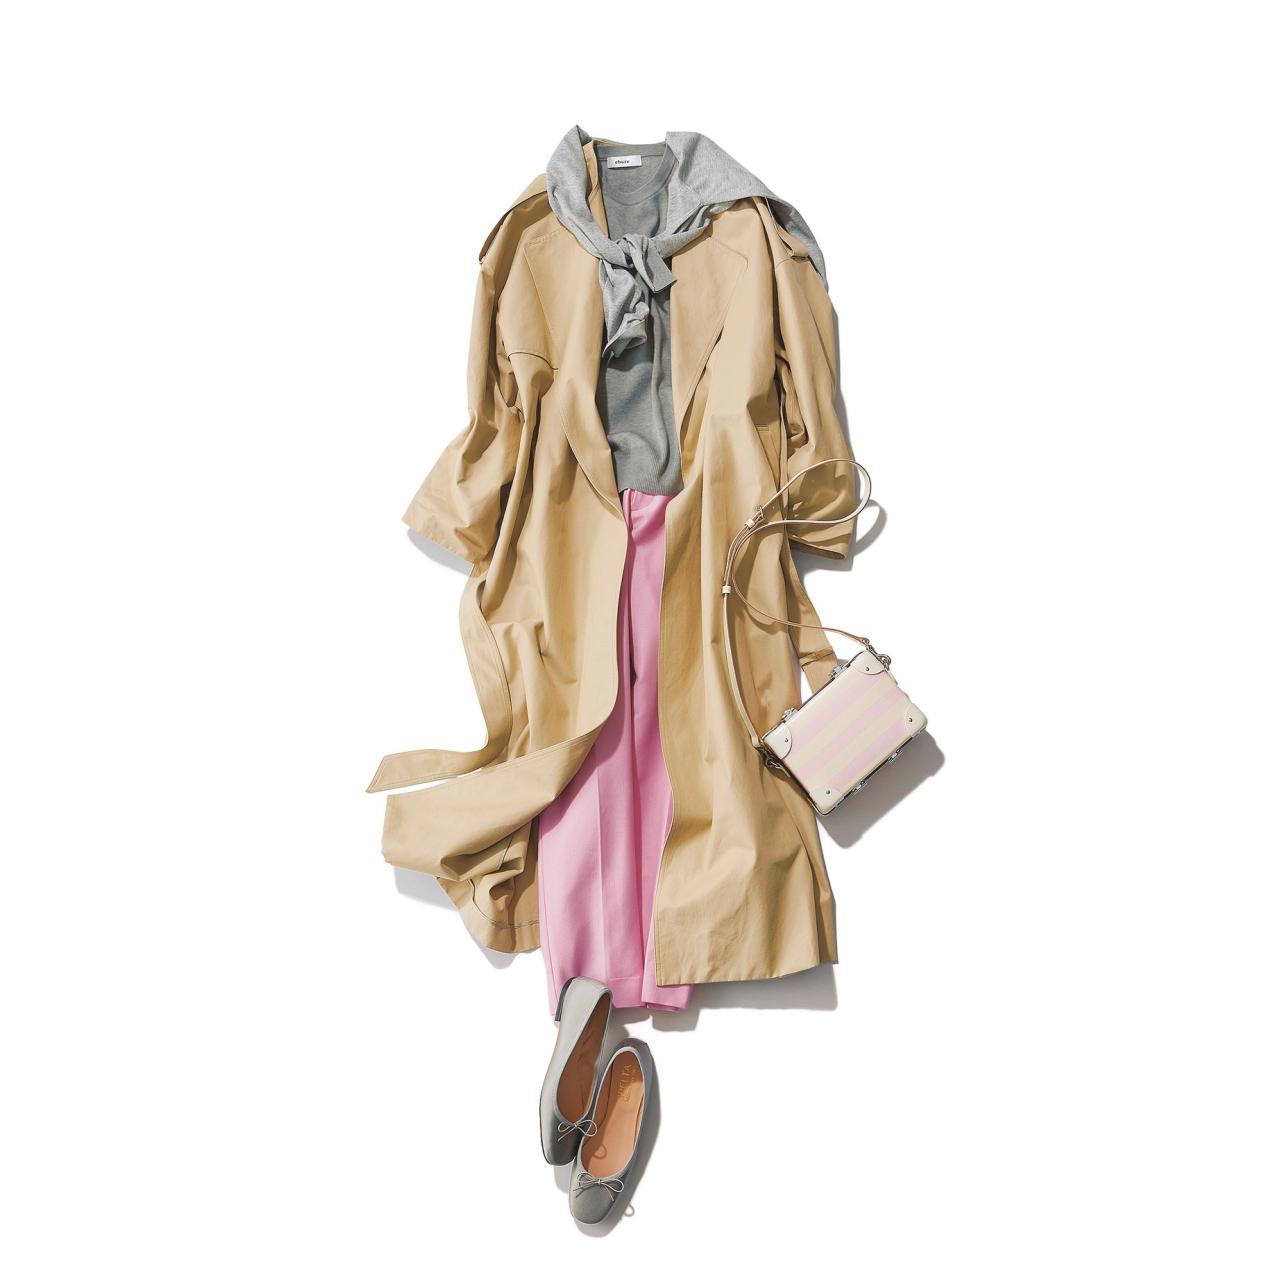 ベージュのトレンチコート×グレーニット&ピンクパンツのファッションコーデ